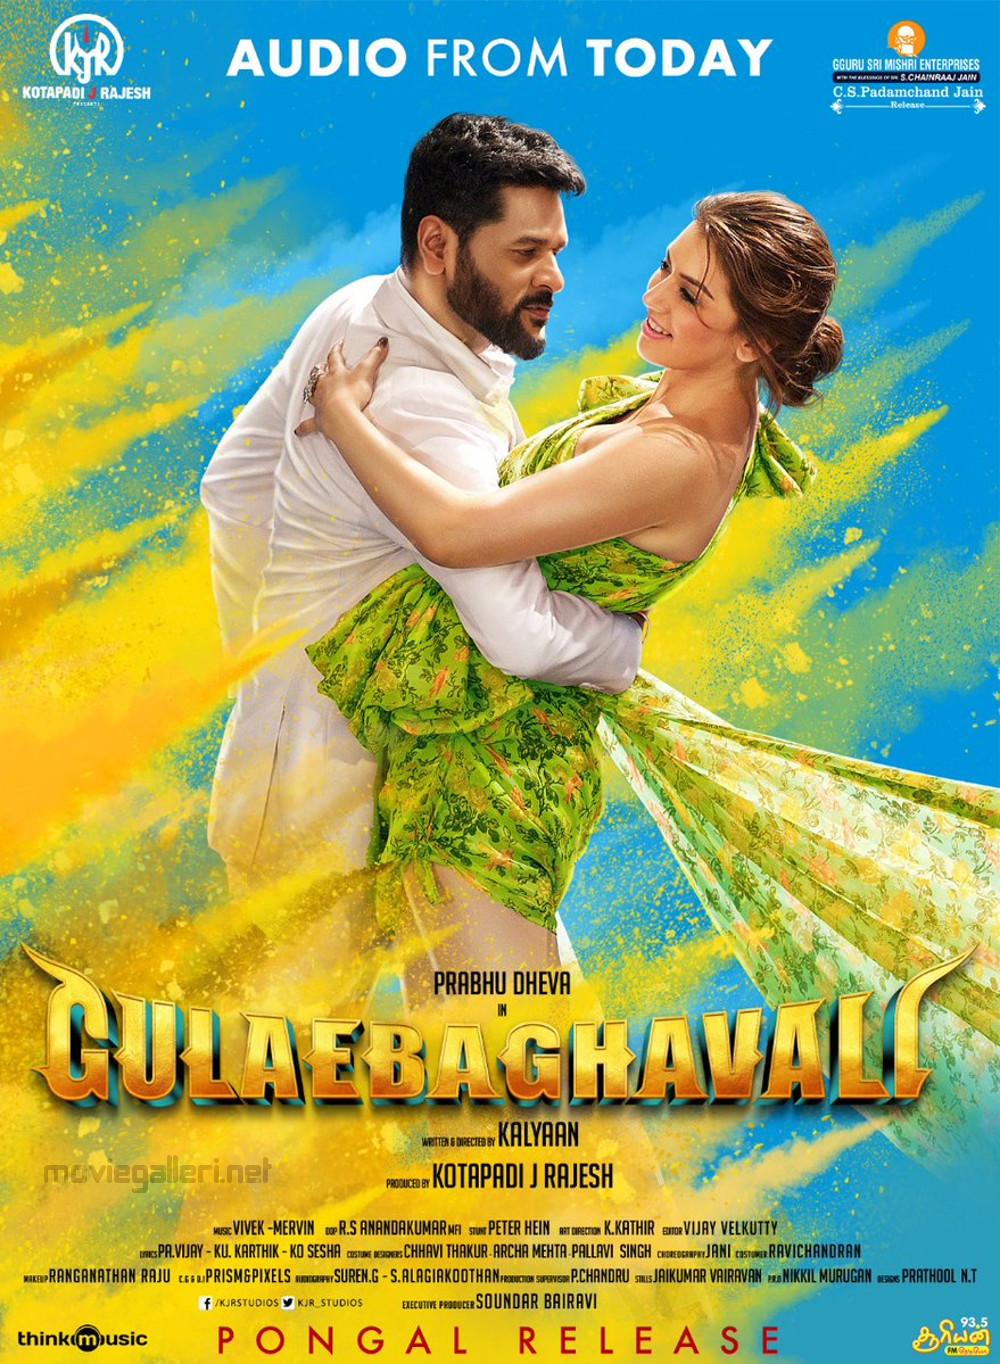 Prabhu Deva Hansika Gulebakavali Audio Release Today Posters